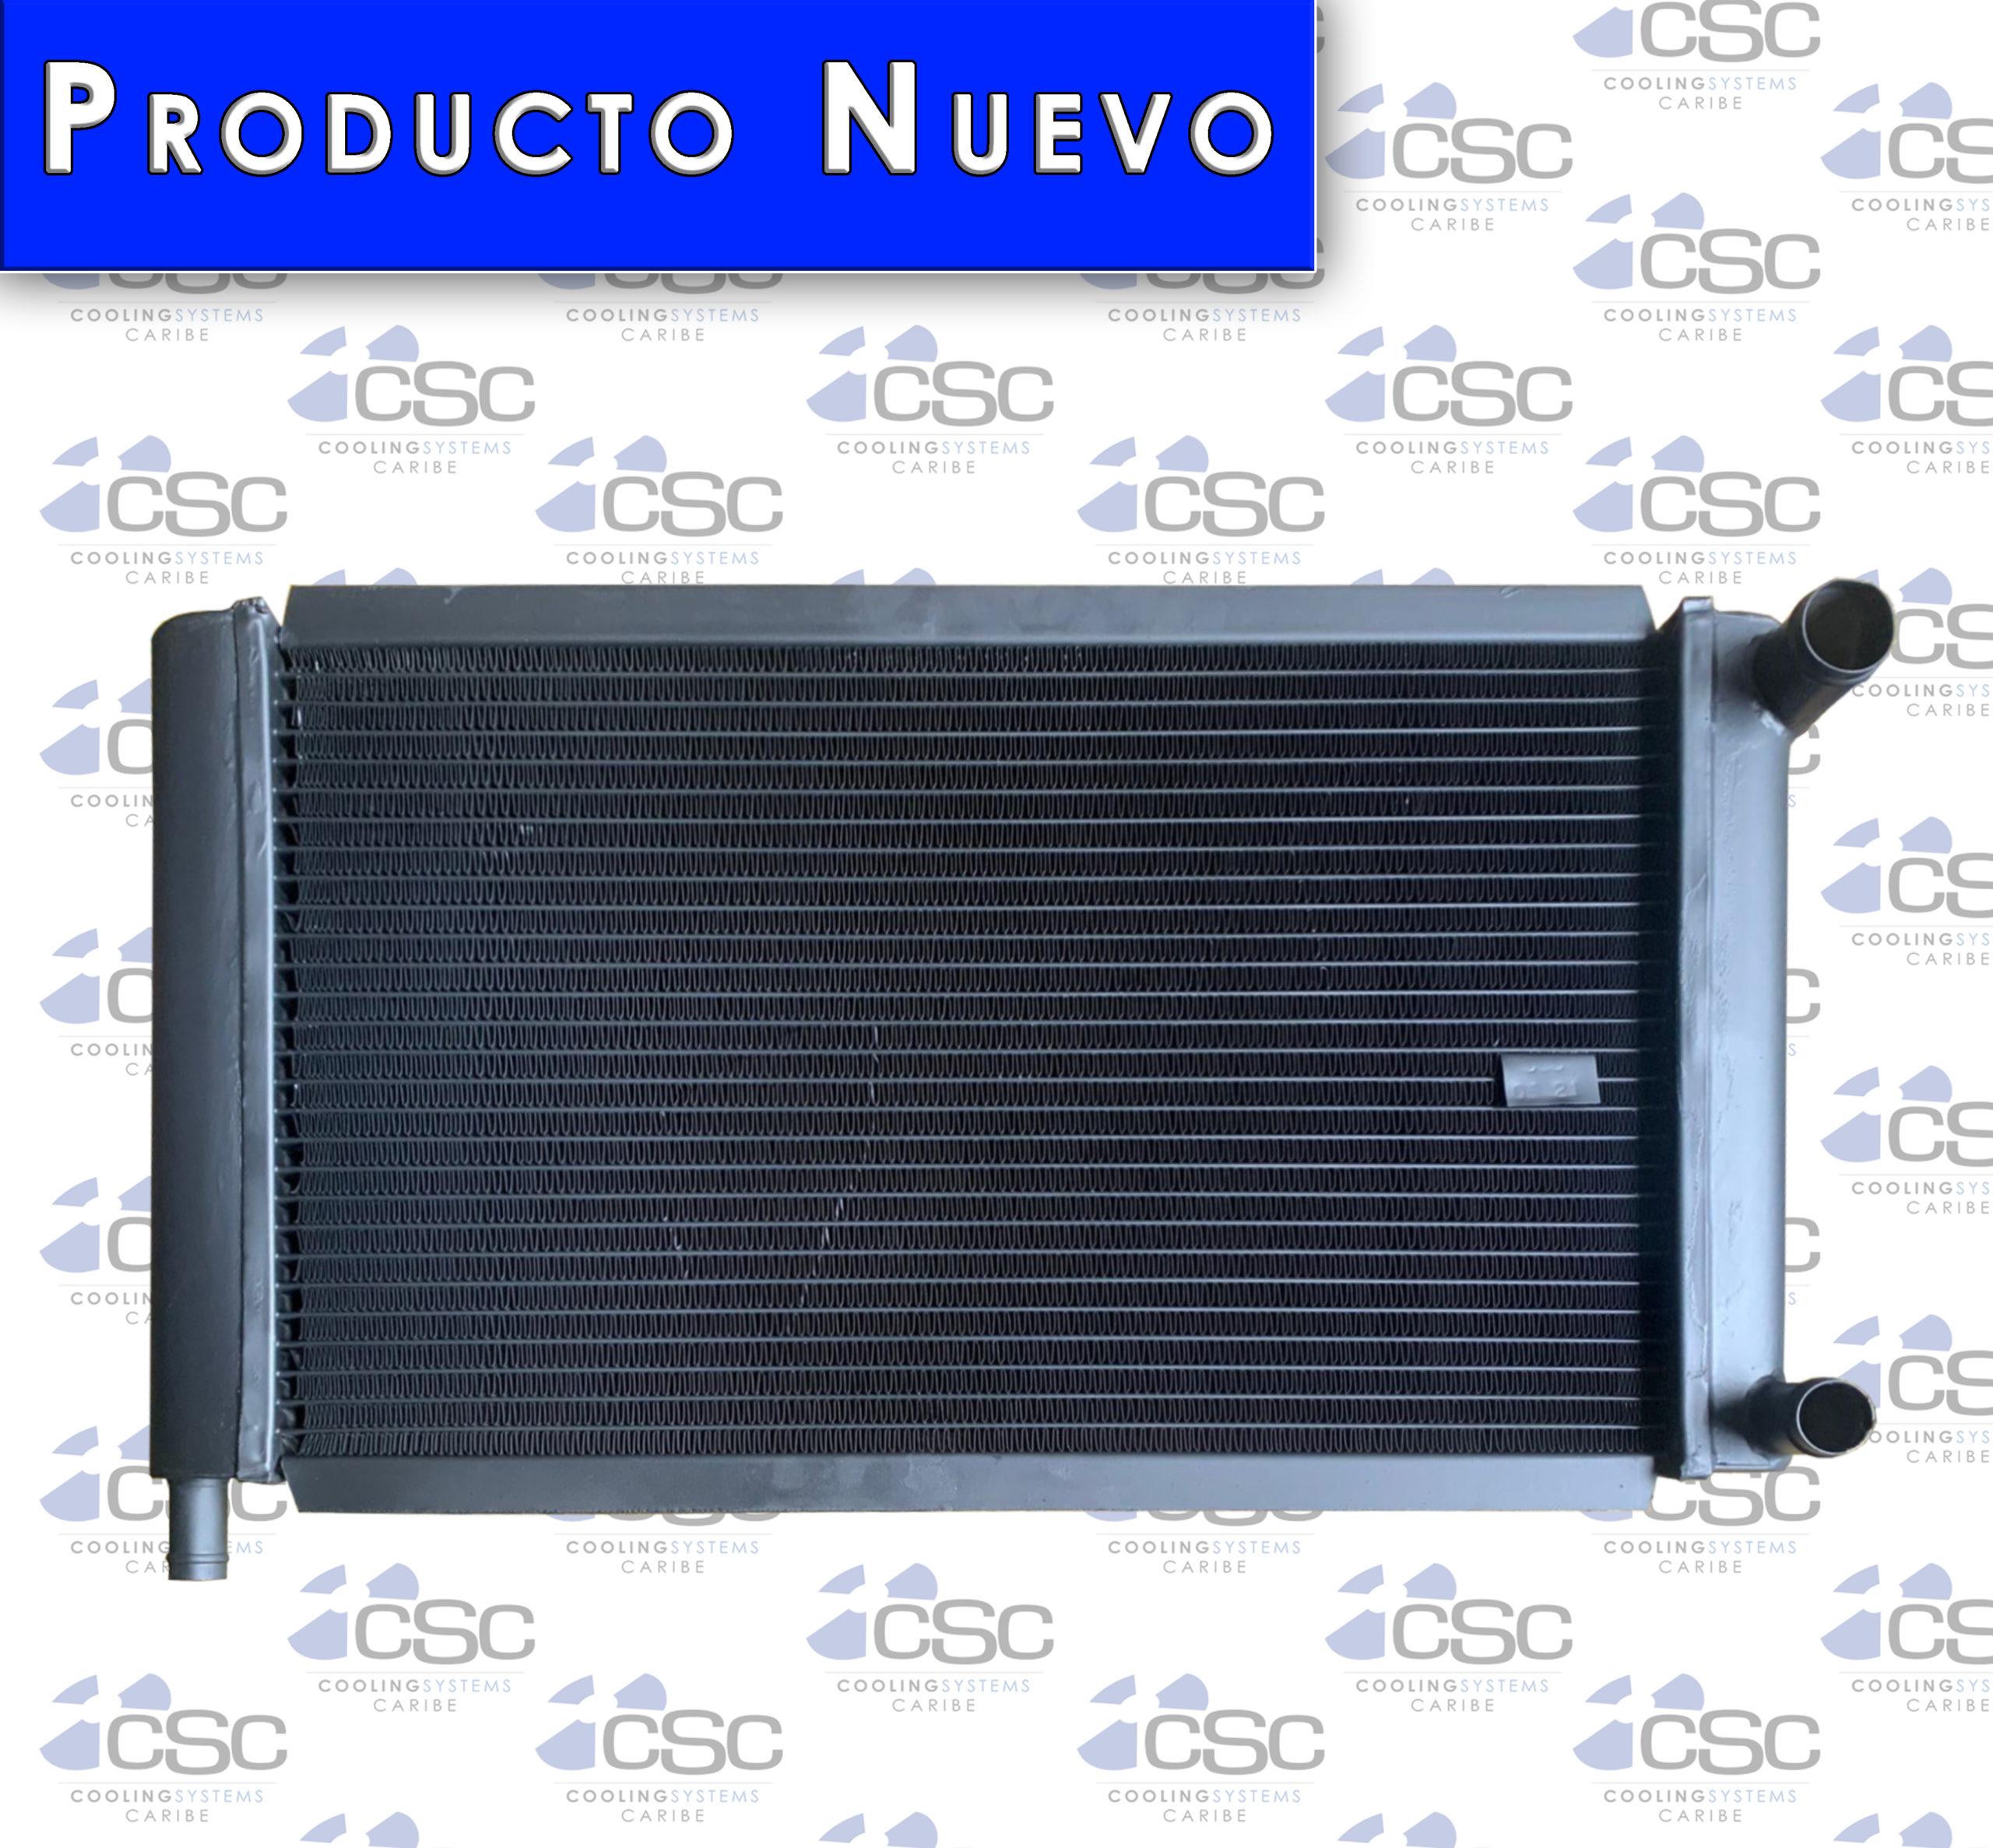 Nuevo Radiador 403RA210 para Generador Cummins / Onan